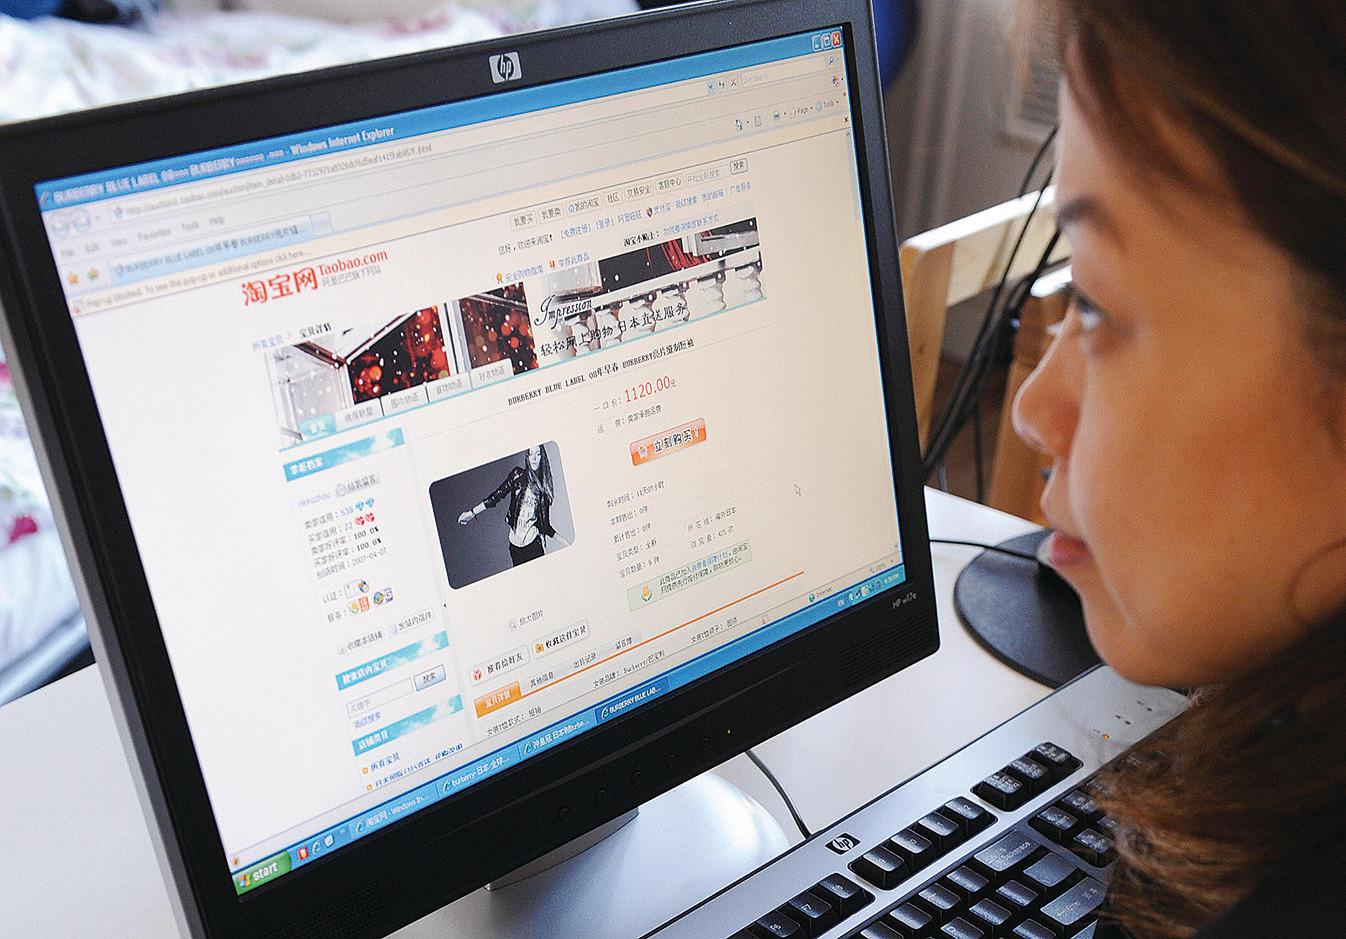 淘寶是阿里巴巴旗下的網絡市場。列入「惡名市場」黑名單雖然不直接導致處罰,但是這將打擊淘寶及經營淘寶的阿里巴巴公司難以洗刷自己賣假貨名聲。(Getty Images)